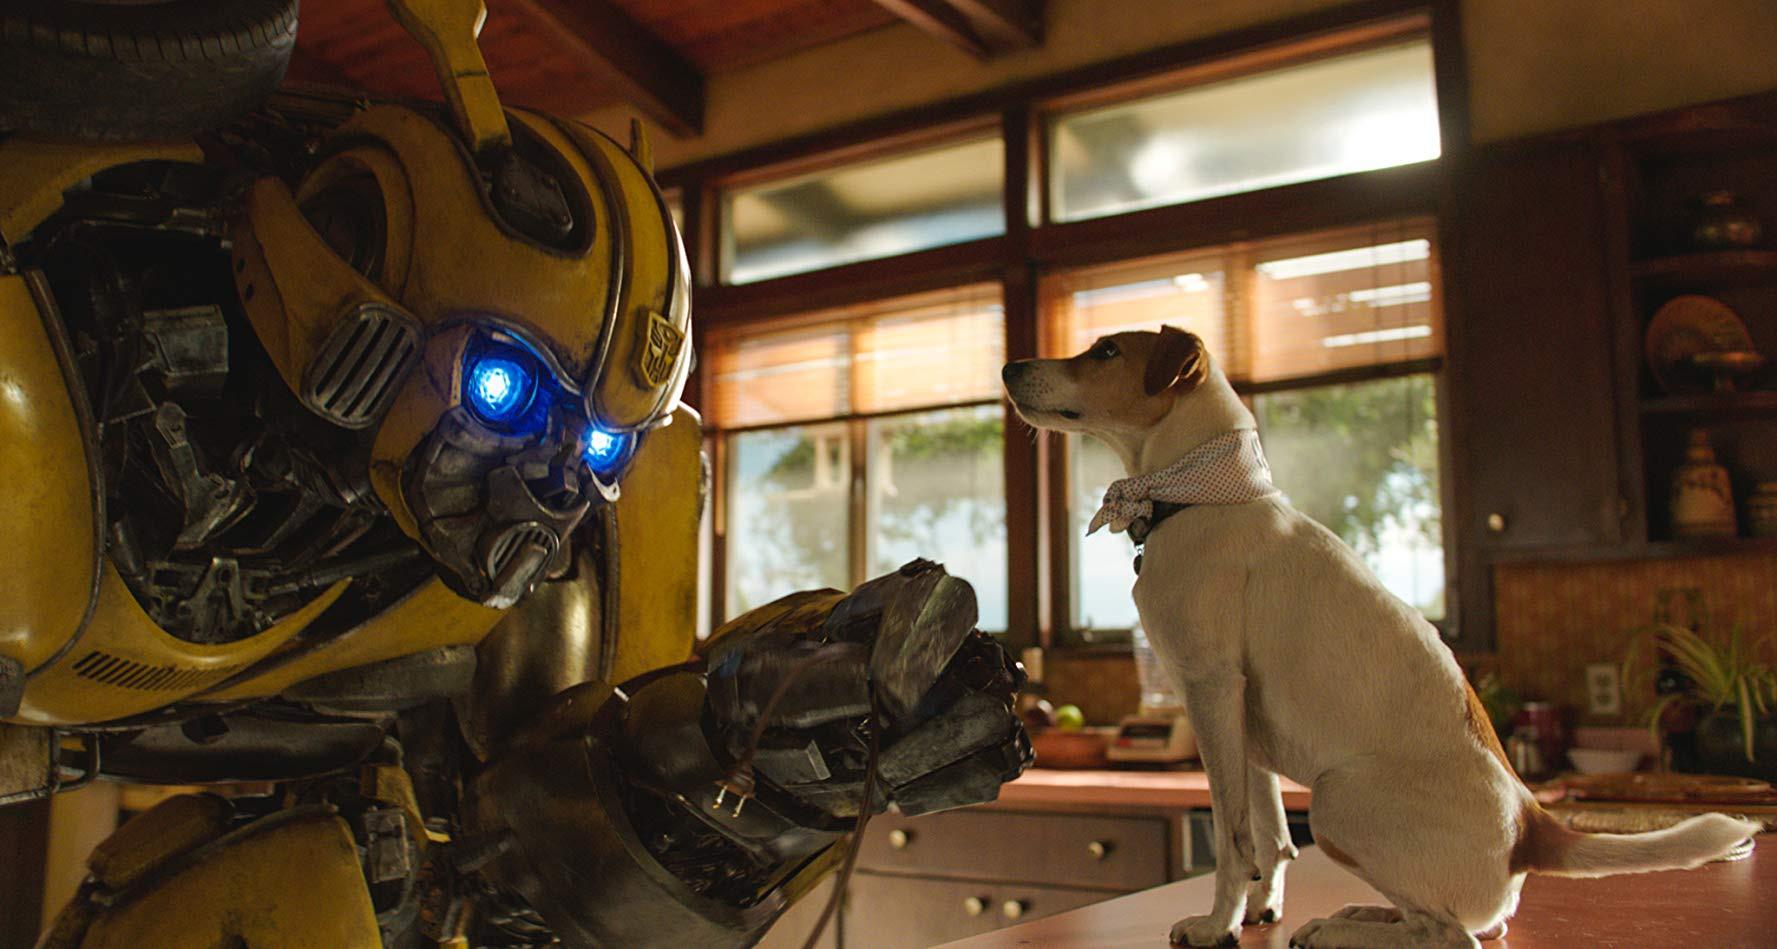 4 điều khiến chú ong nghệ Bumblebee hoàn toàn khác biệt với mọi phần Transformers cũ - Ảnh 5.